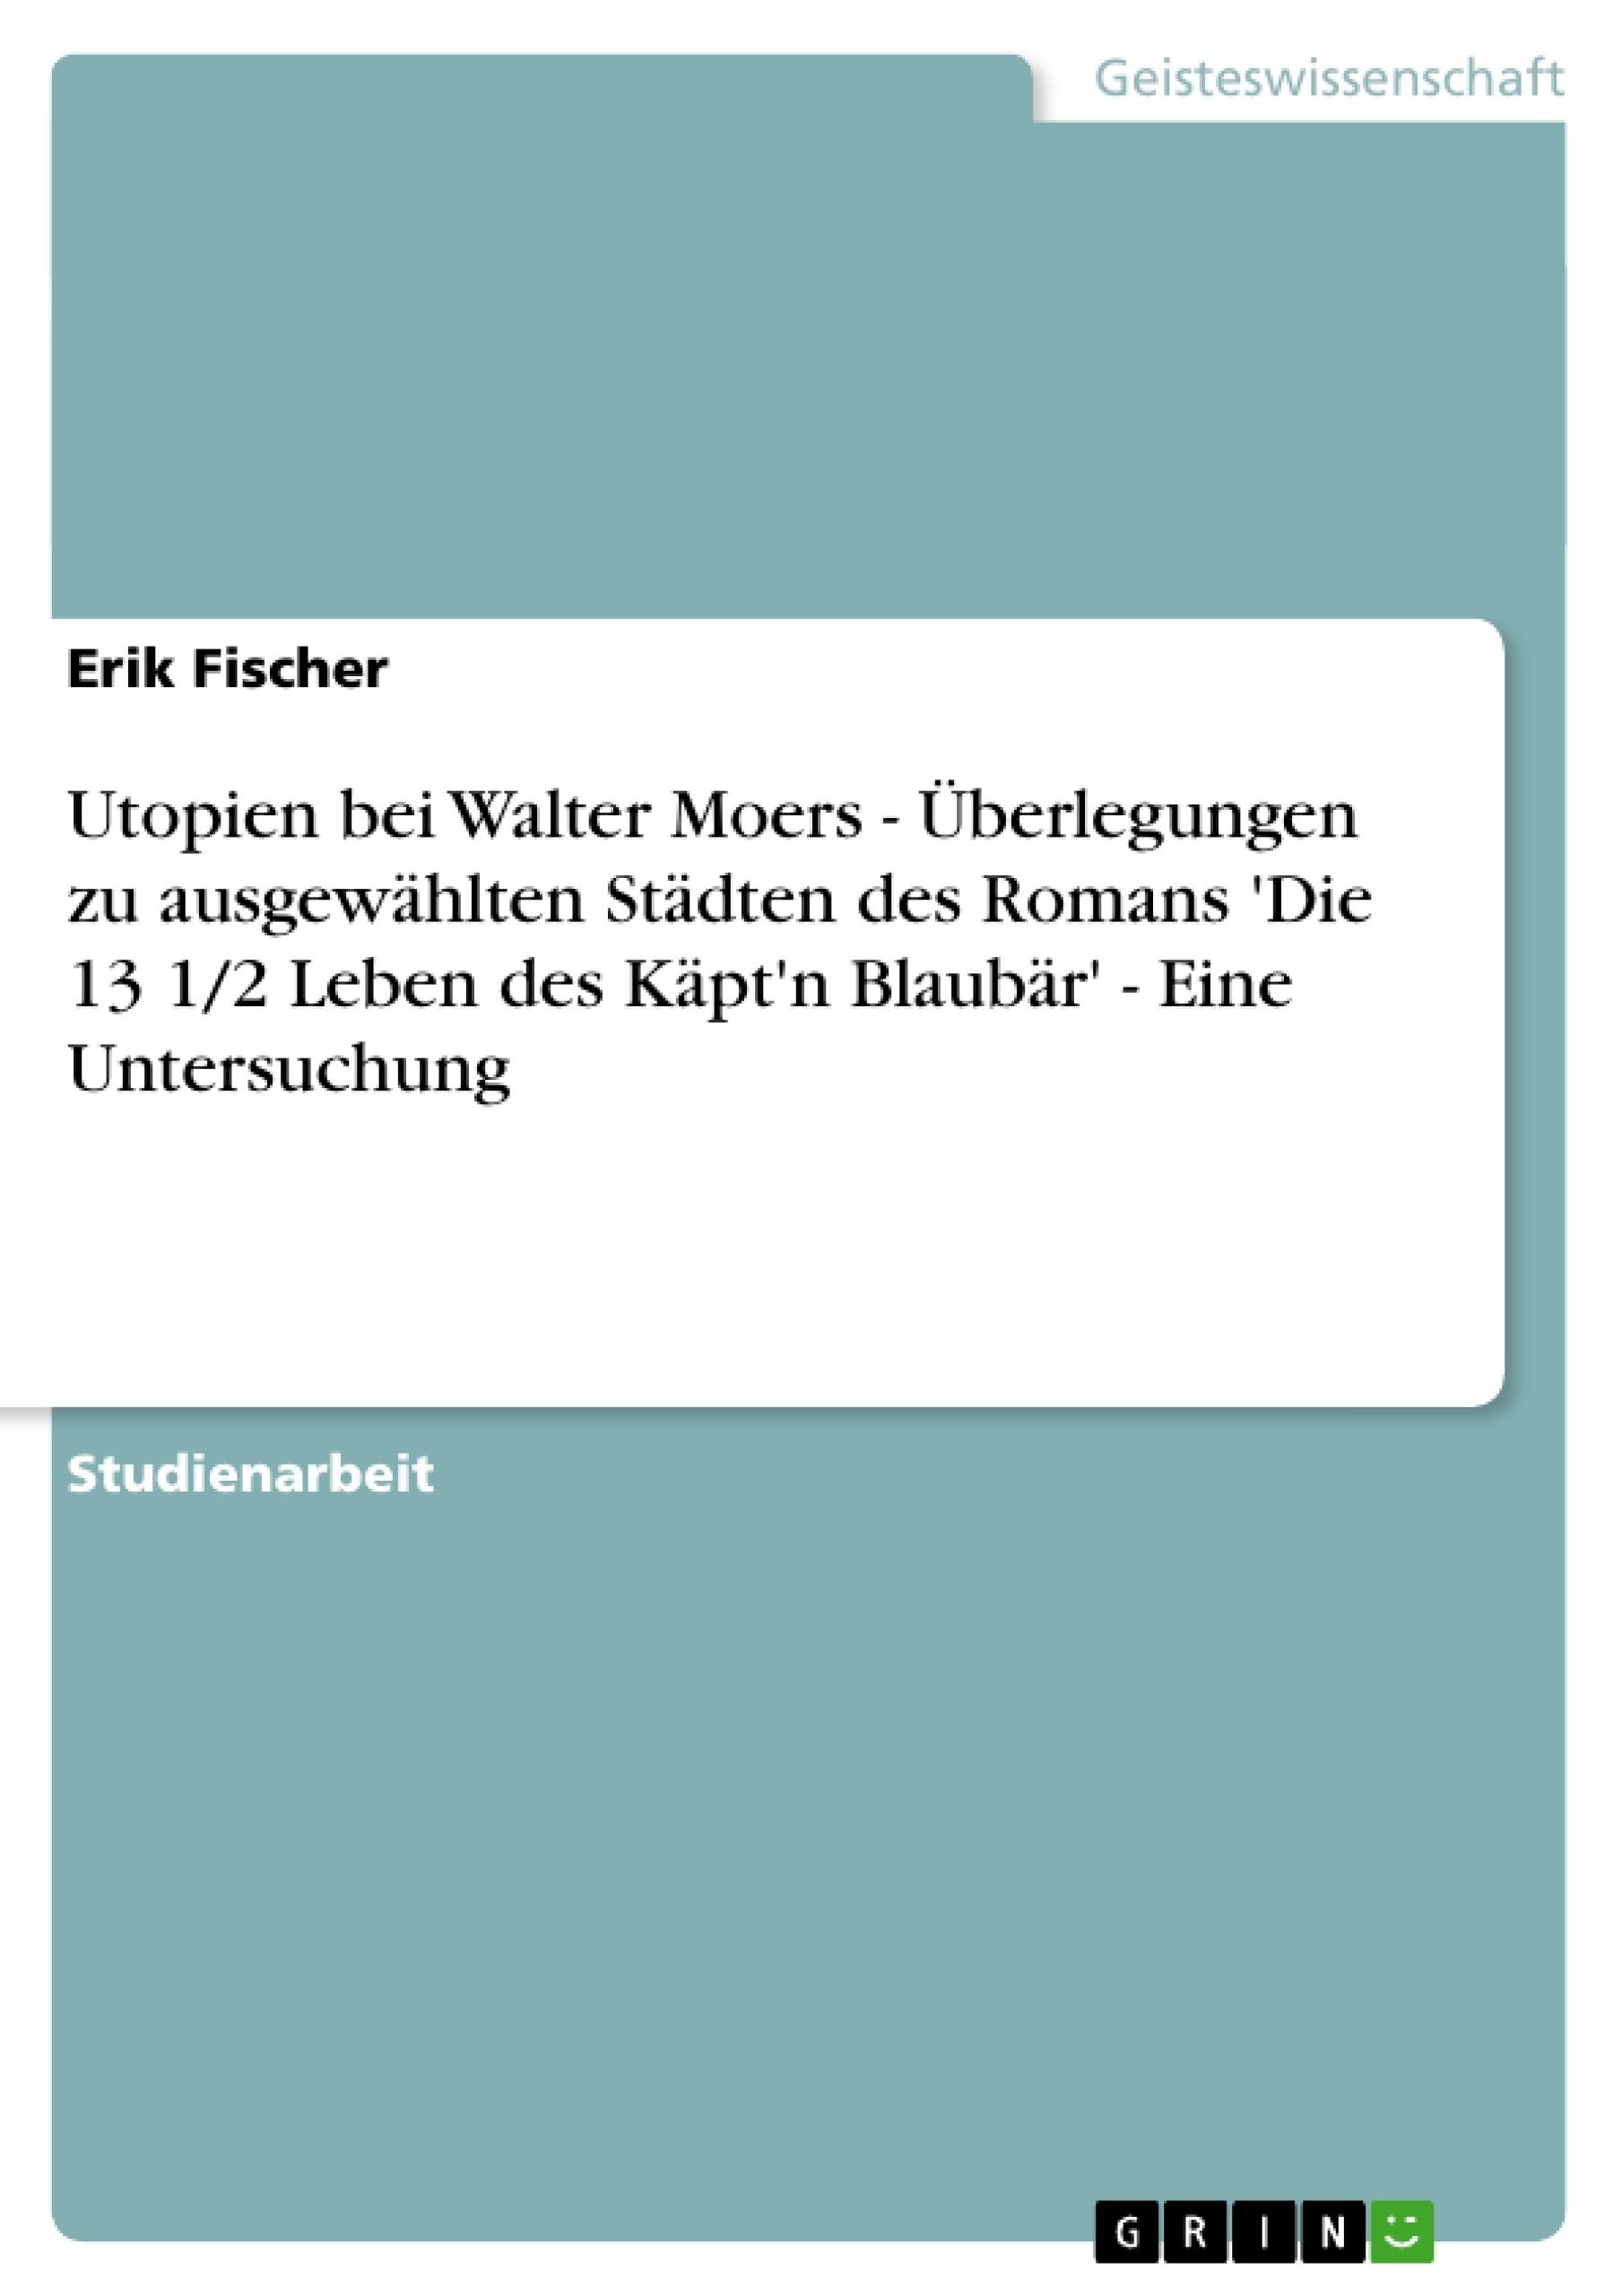 Titel: Utopien bei Walter Moers - Überlegungen zu ausgewählten Städten des Romans 'Die 13 1/2 Leben des Käpt'n Blaubär' - Eine Untersuchung